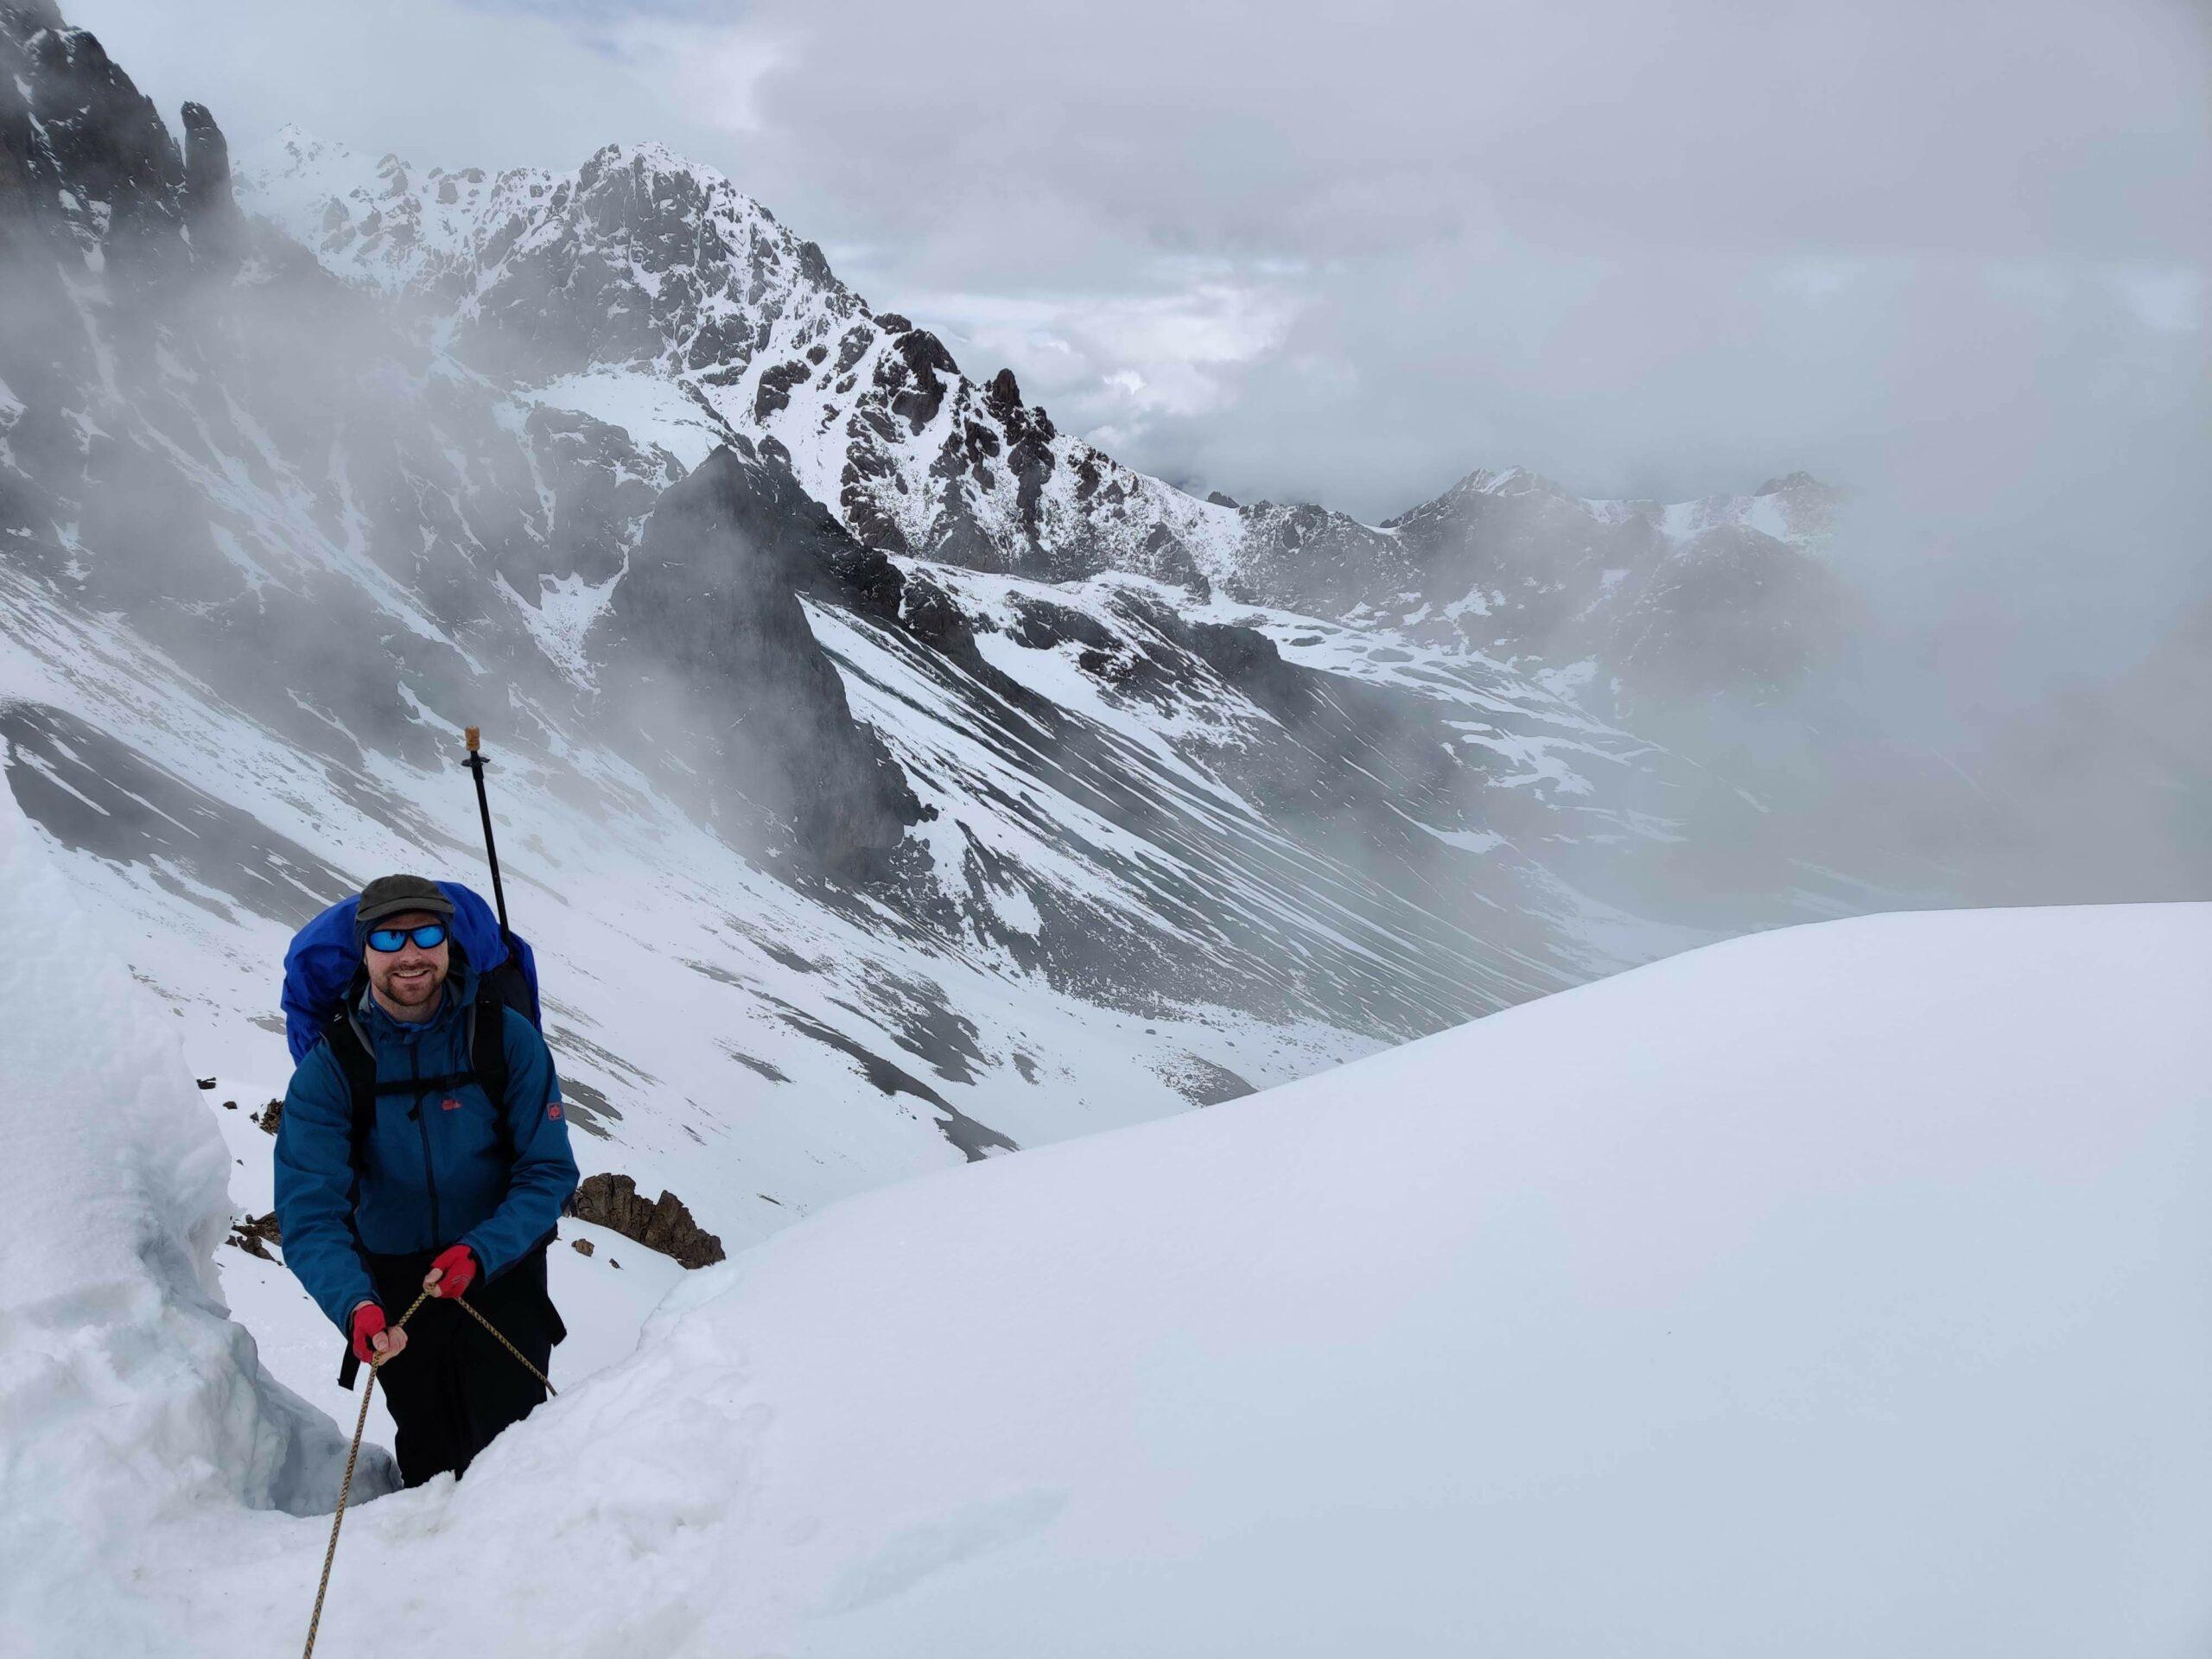 Hiking in the snow in Kyrgystan